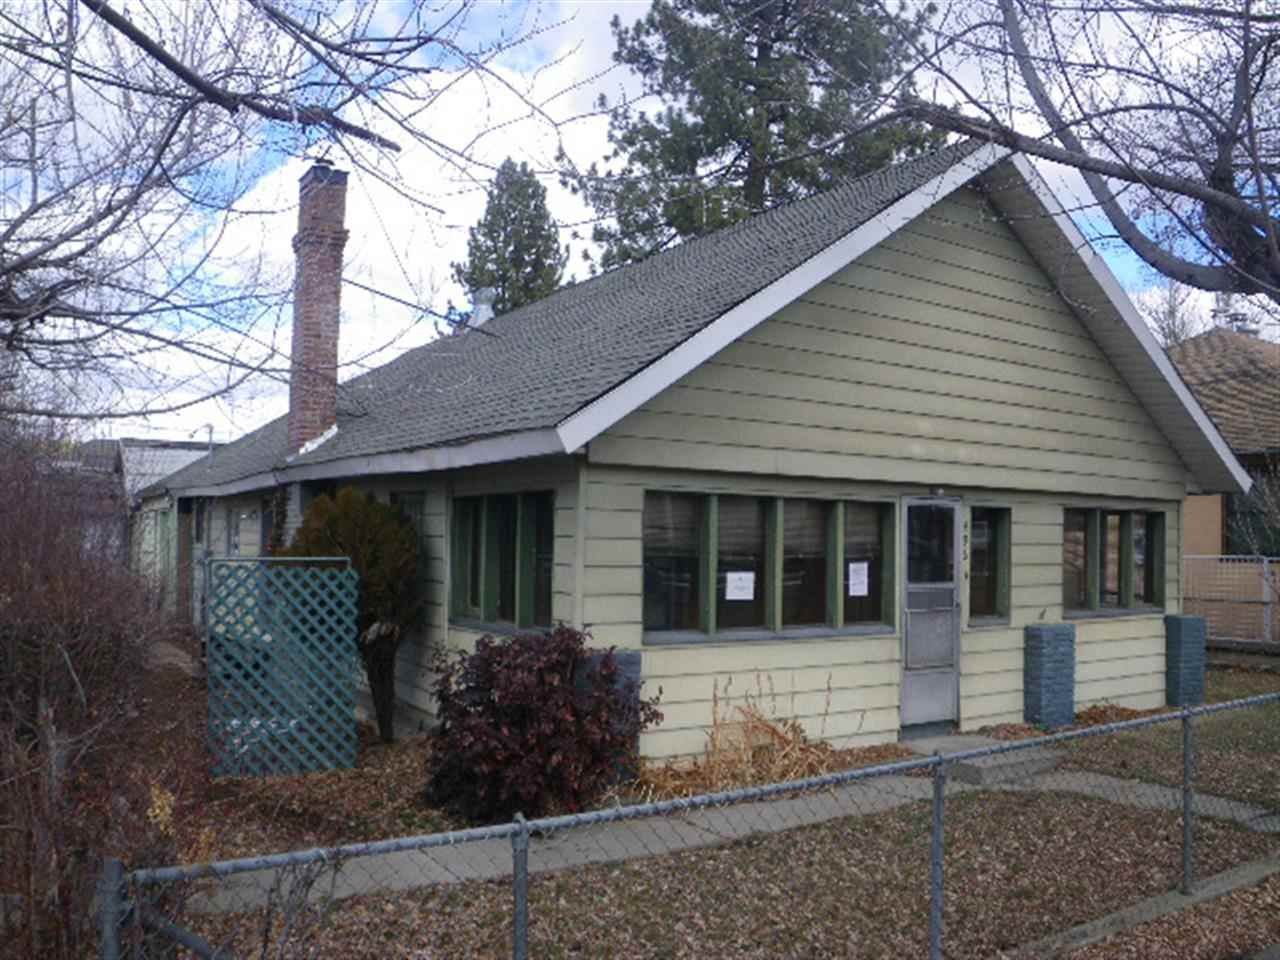 独户住宅 为 销售 在 496 2nd Avenue 496 2nd Avenue 波托拉, 加利福尼亚州 96122 美国